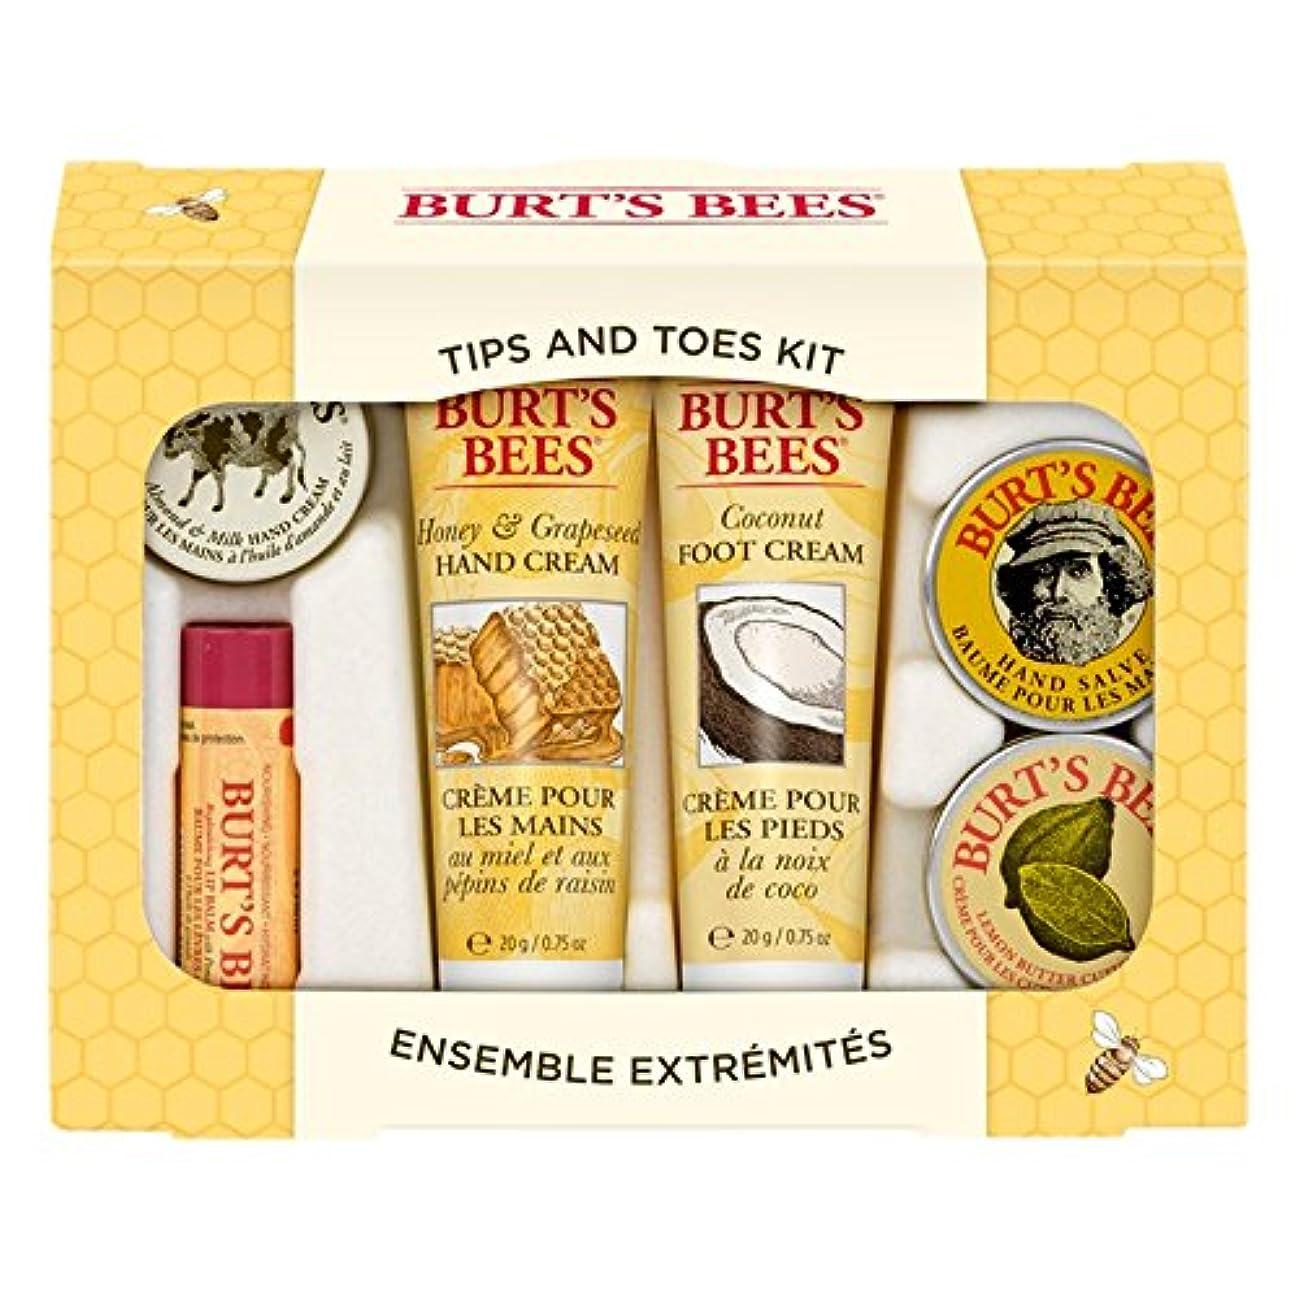 転送娯楽安全バーツビーのヒントとつま先はスターターキットをスキンケア (Burt's Bees) (x6) - Burt's Bees Tips And Toes Skincare Starter Kit (Pack of 6) [...